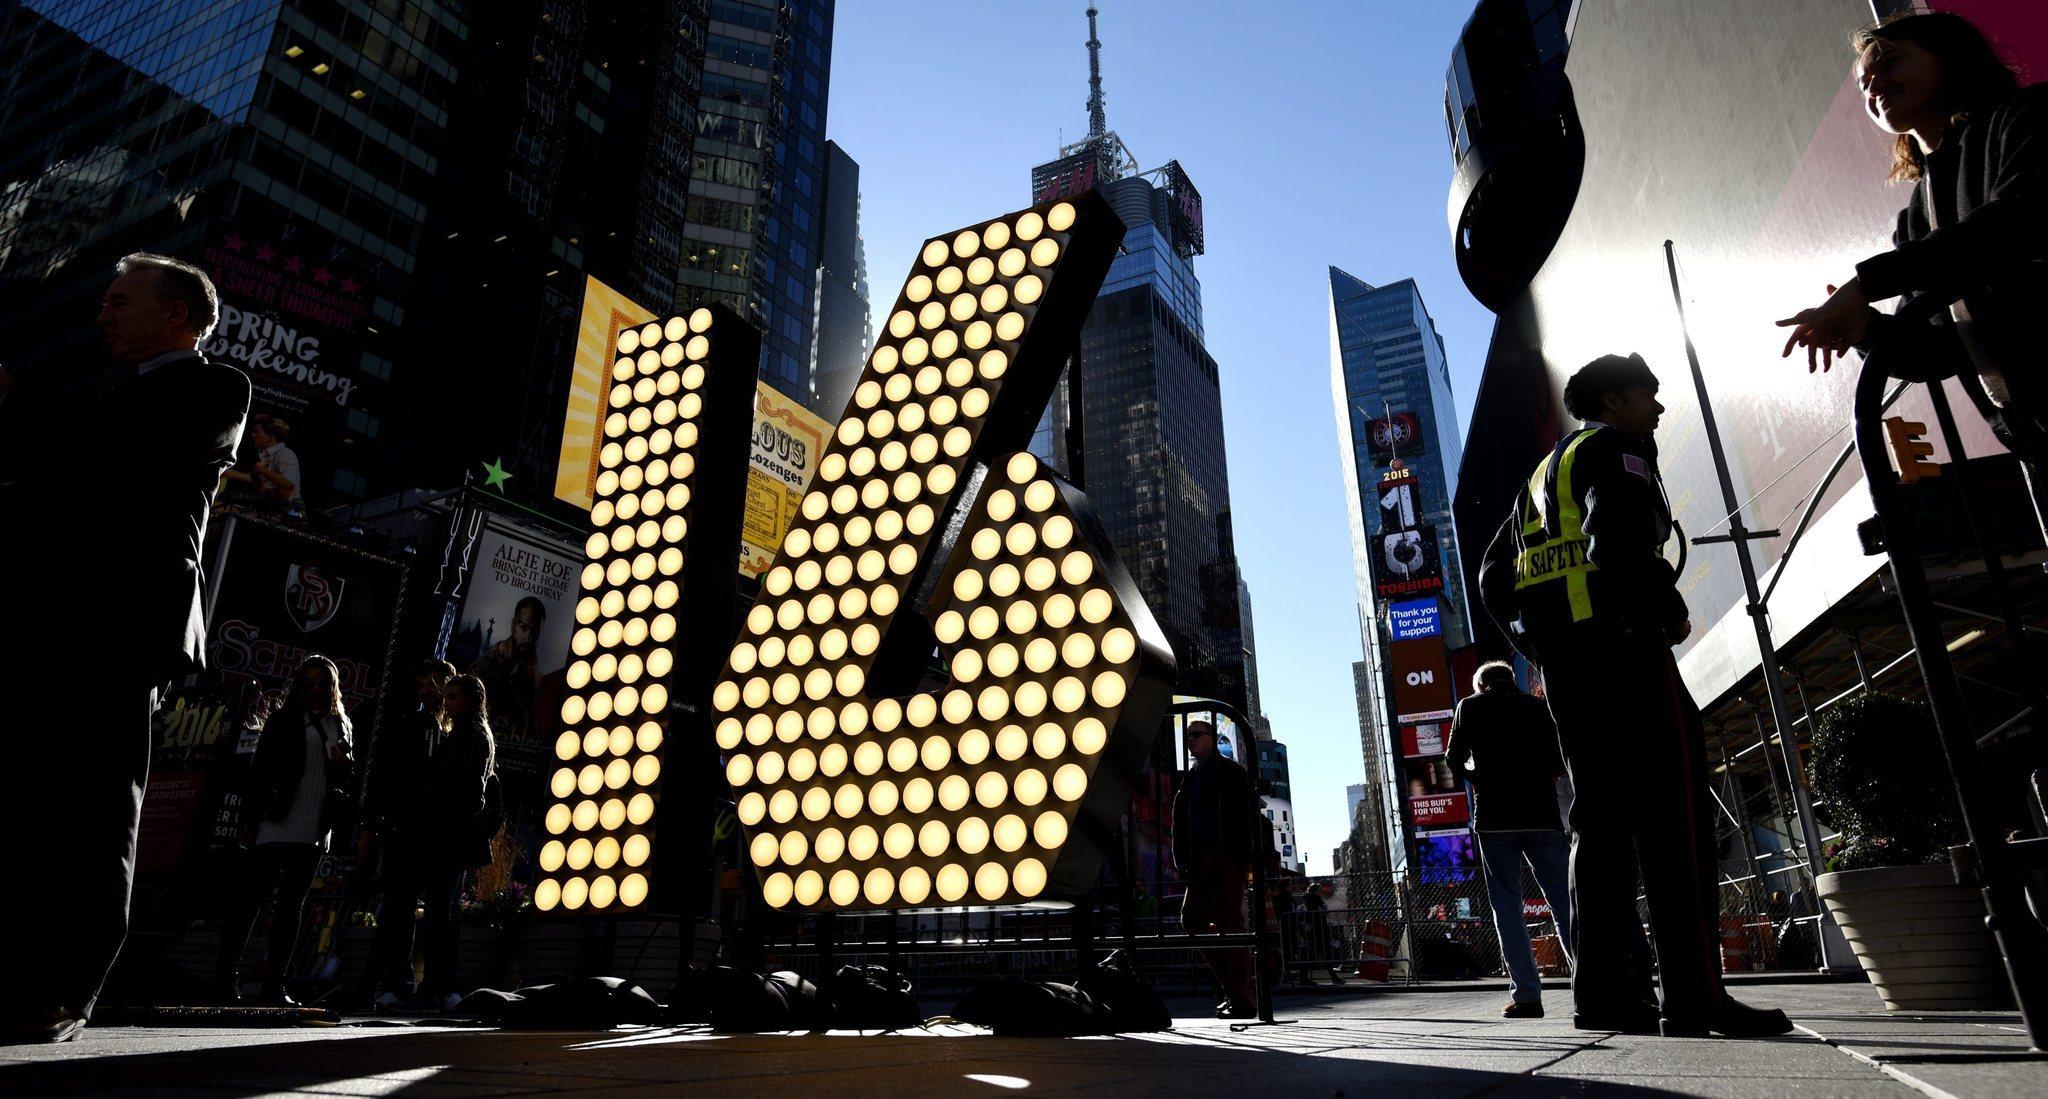 2016年纽约时报广场跨年夜交通信息一览 6千警员现场维安 - 纽约文摘 - 纽约文摘